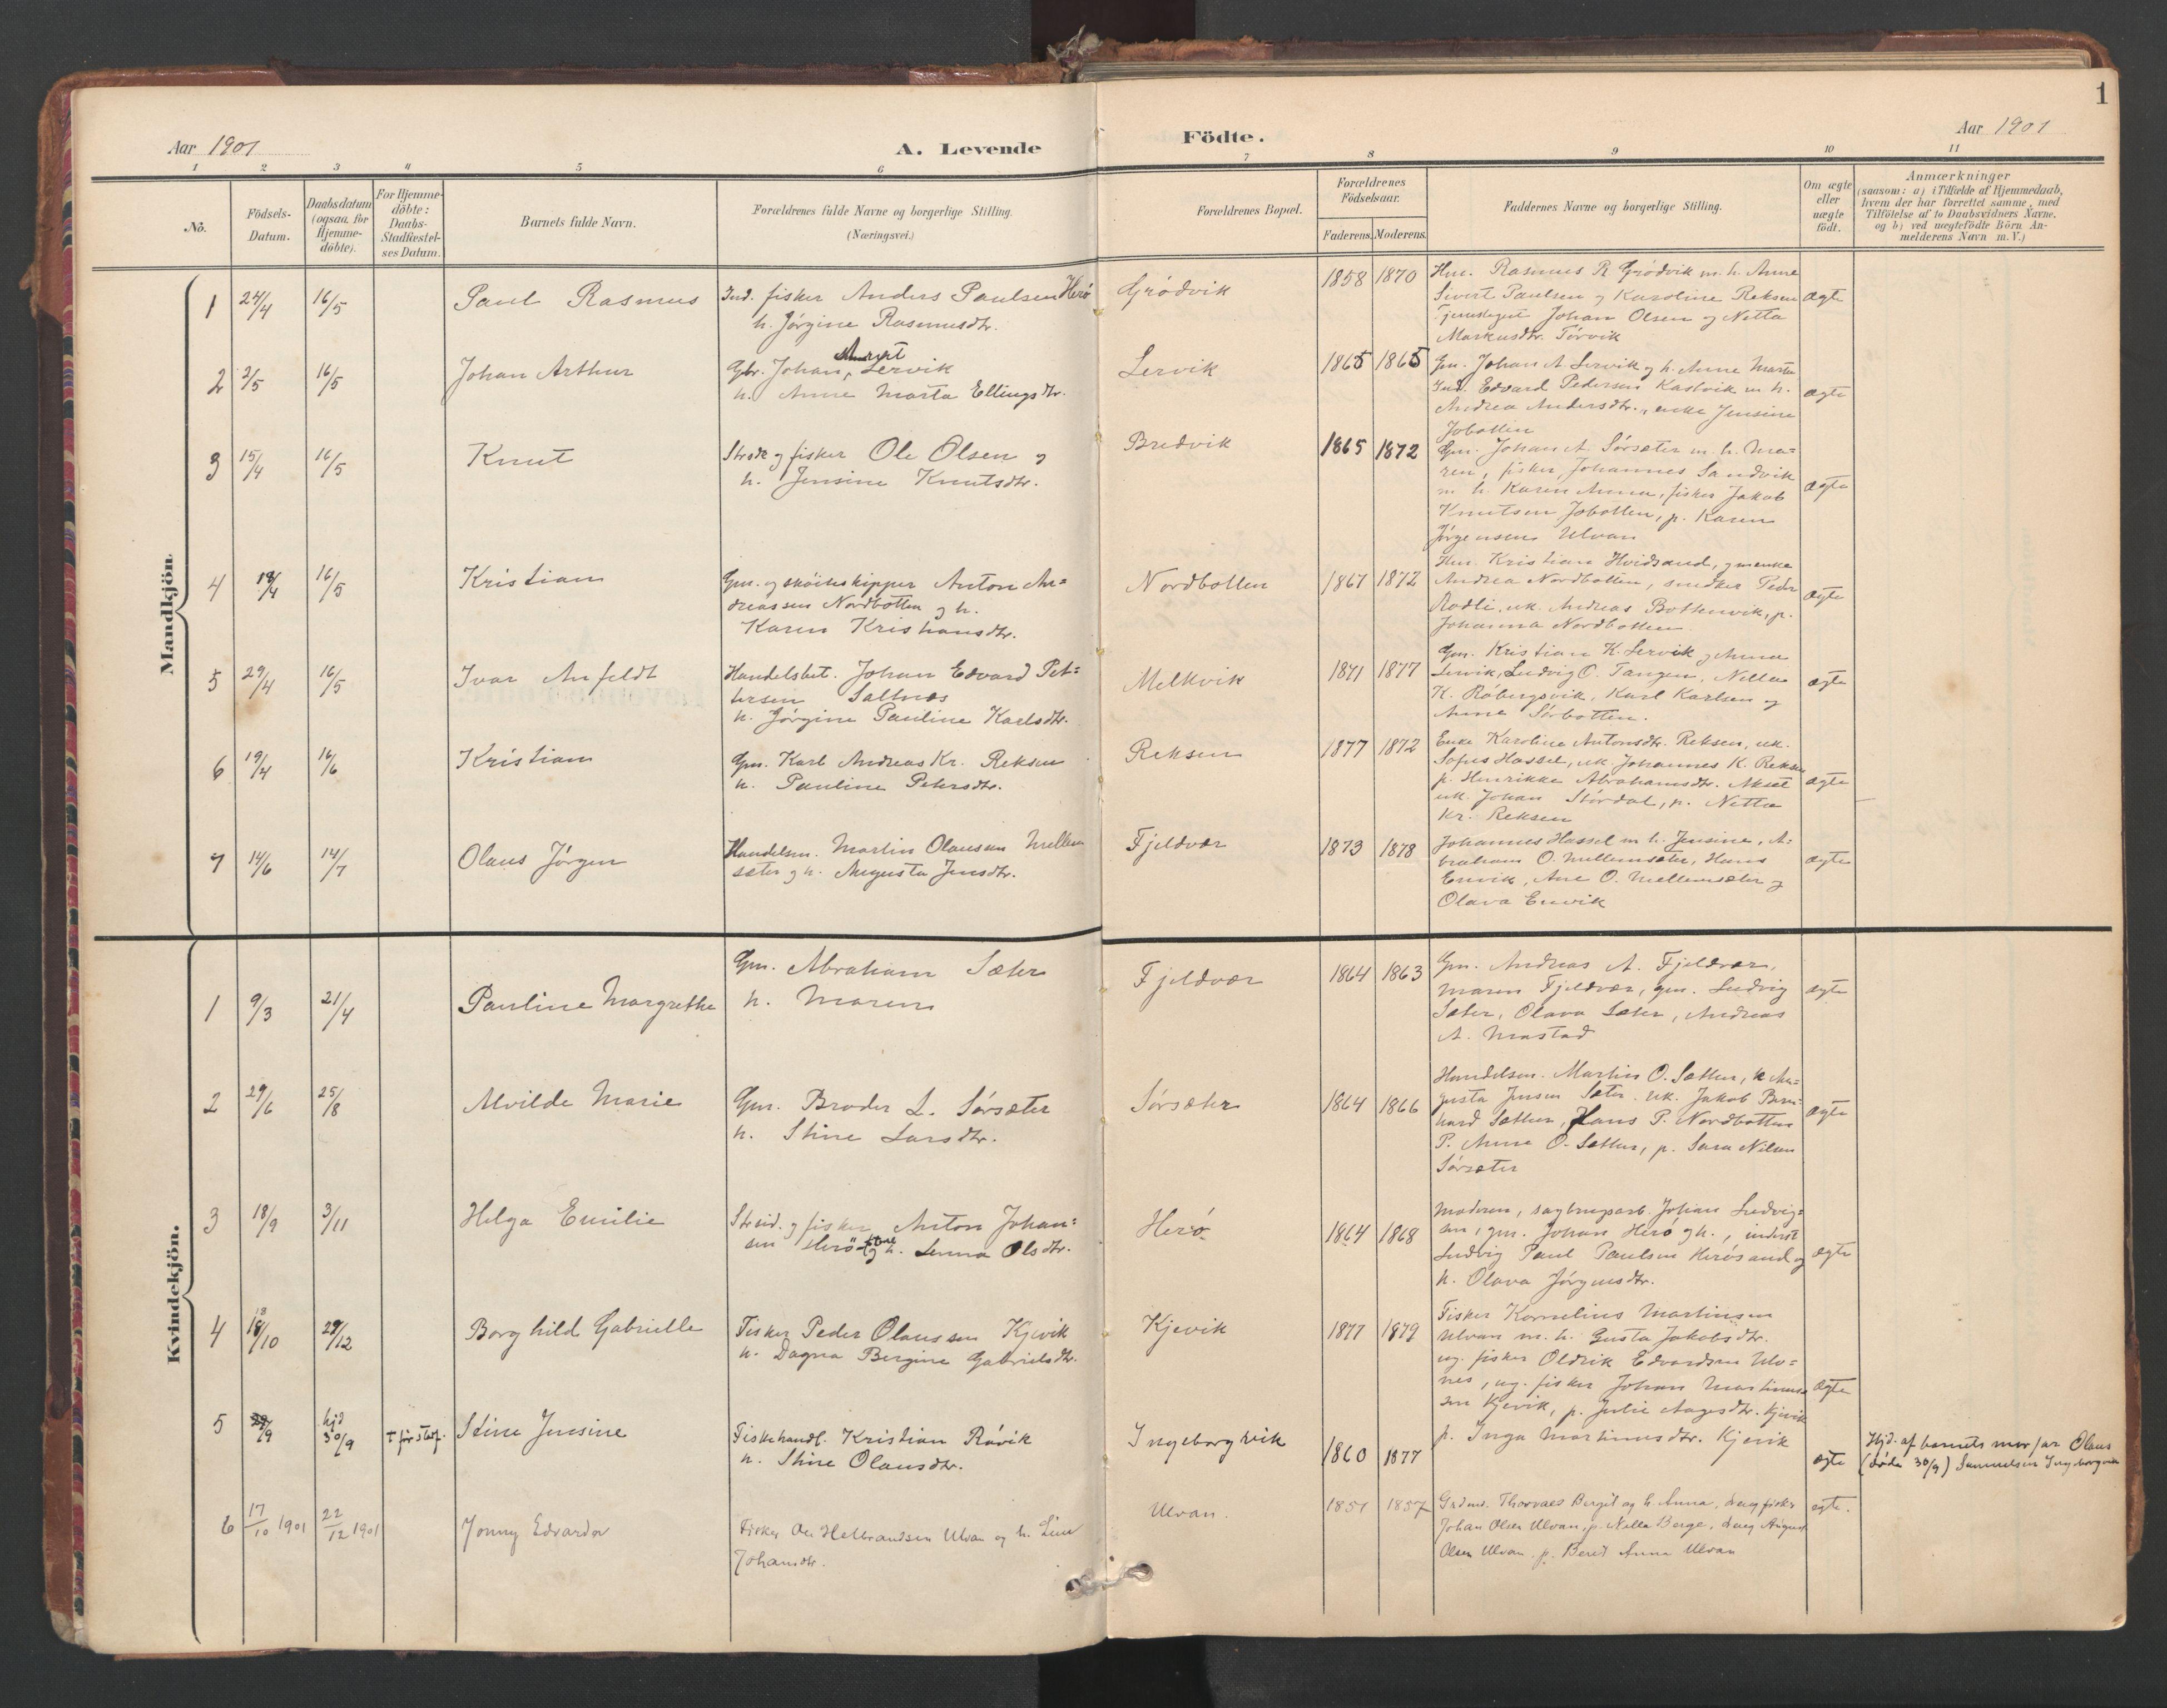 SAT, Ministerialprotokoller, klokkerbøker og fødselsregistre - Sør-Trøndelag, 638/L0568: Ministerialbok nr. 638A01, 1901-1916, s. 1